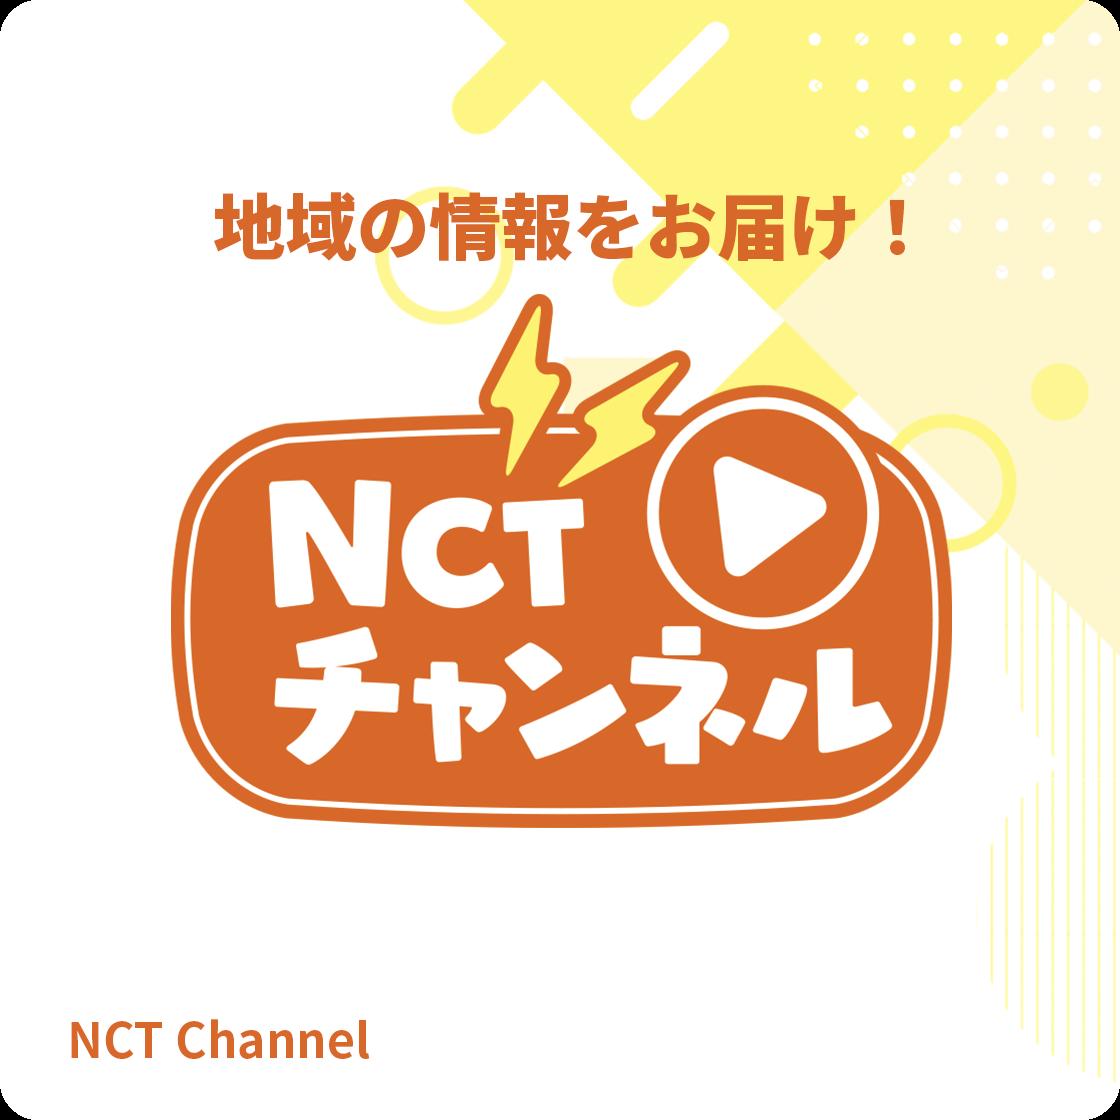 コミュニティチャンネル